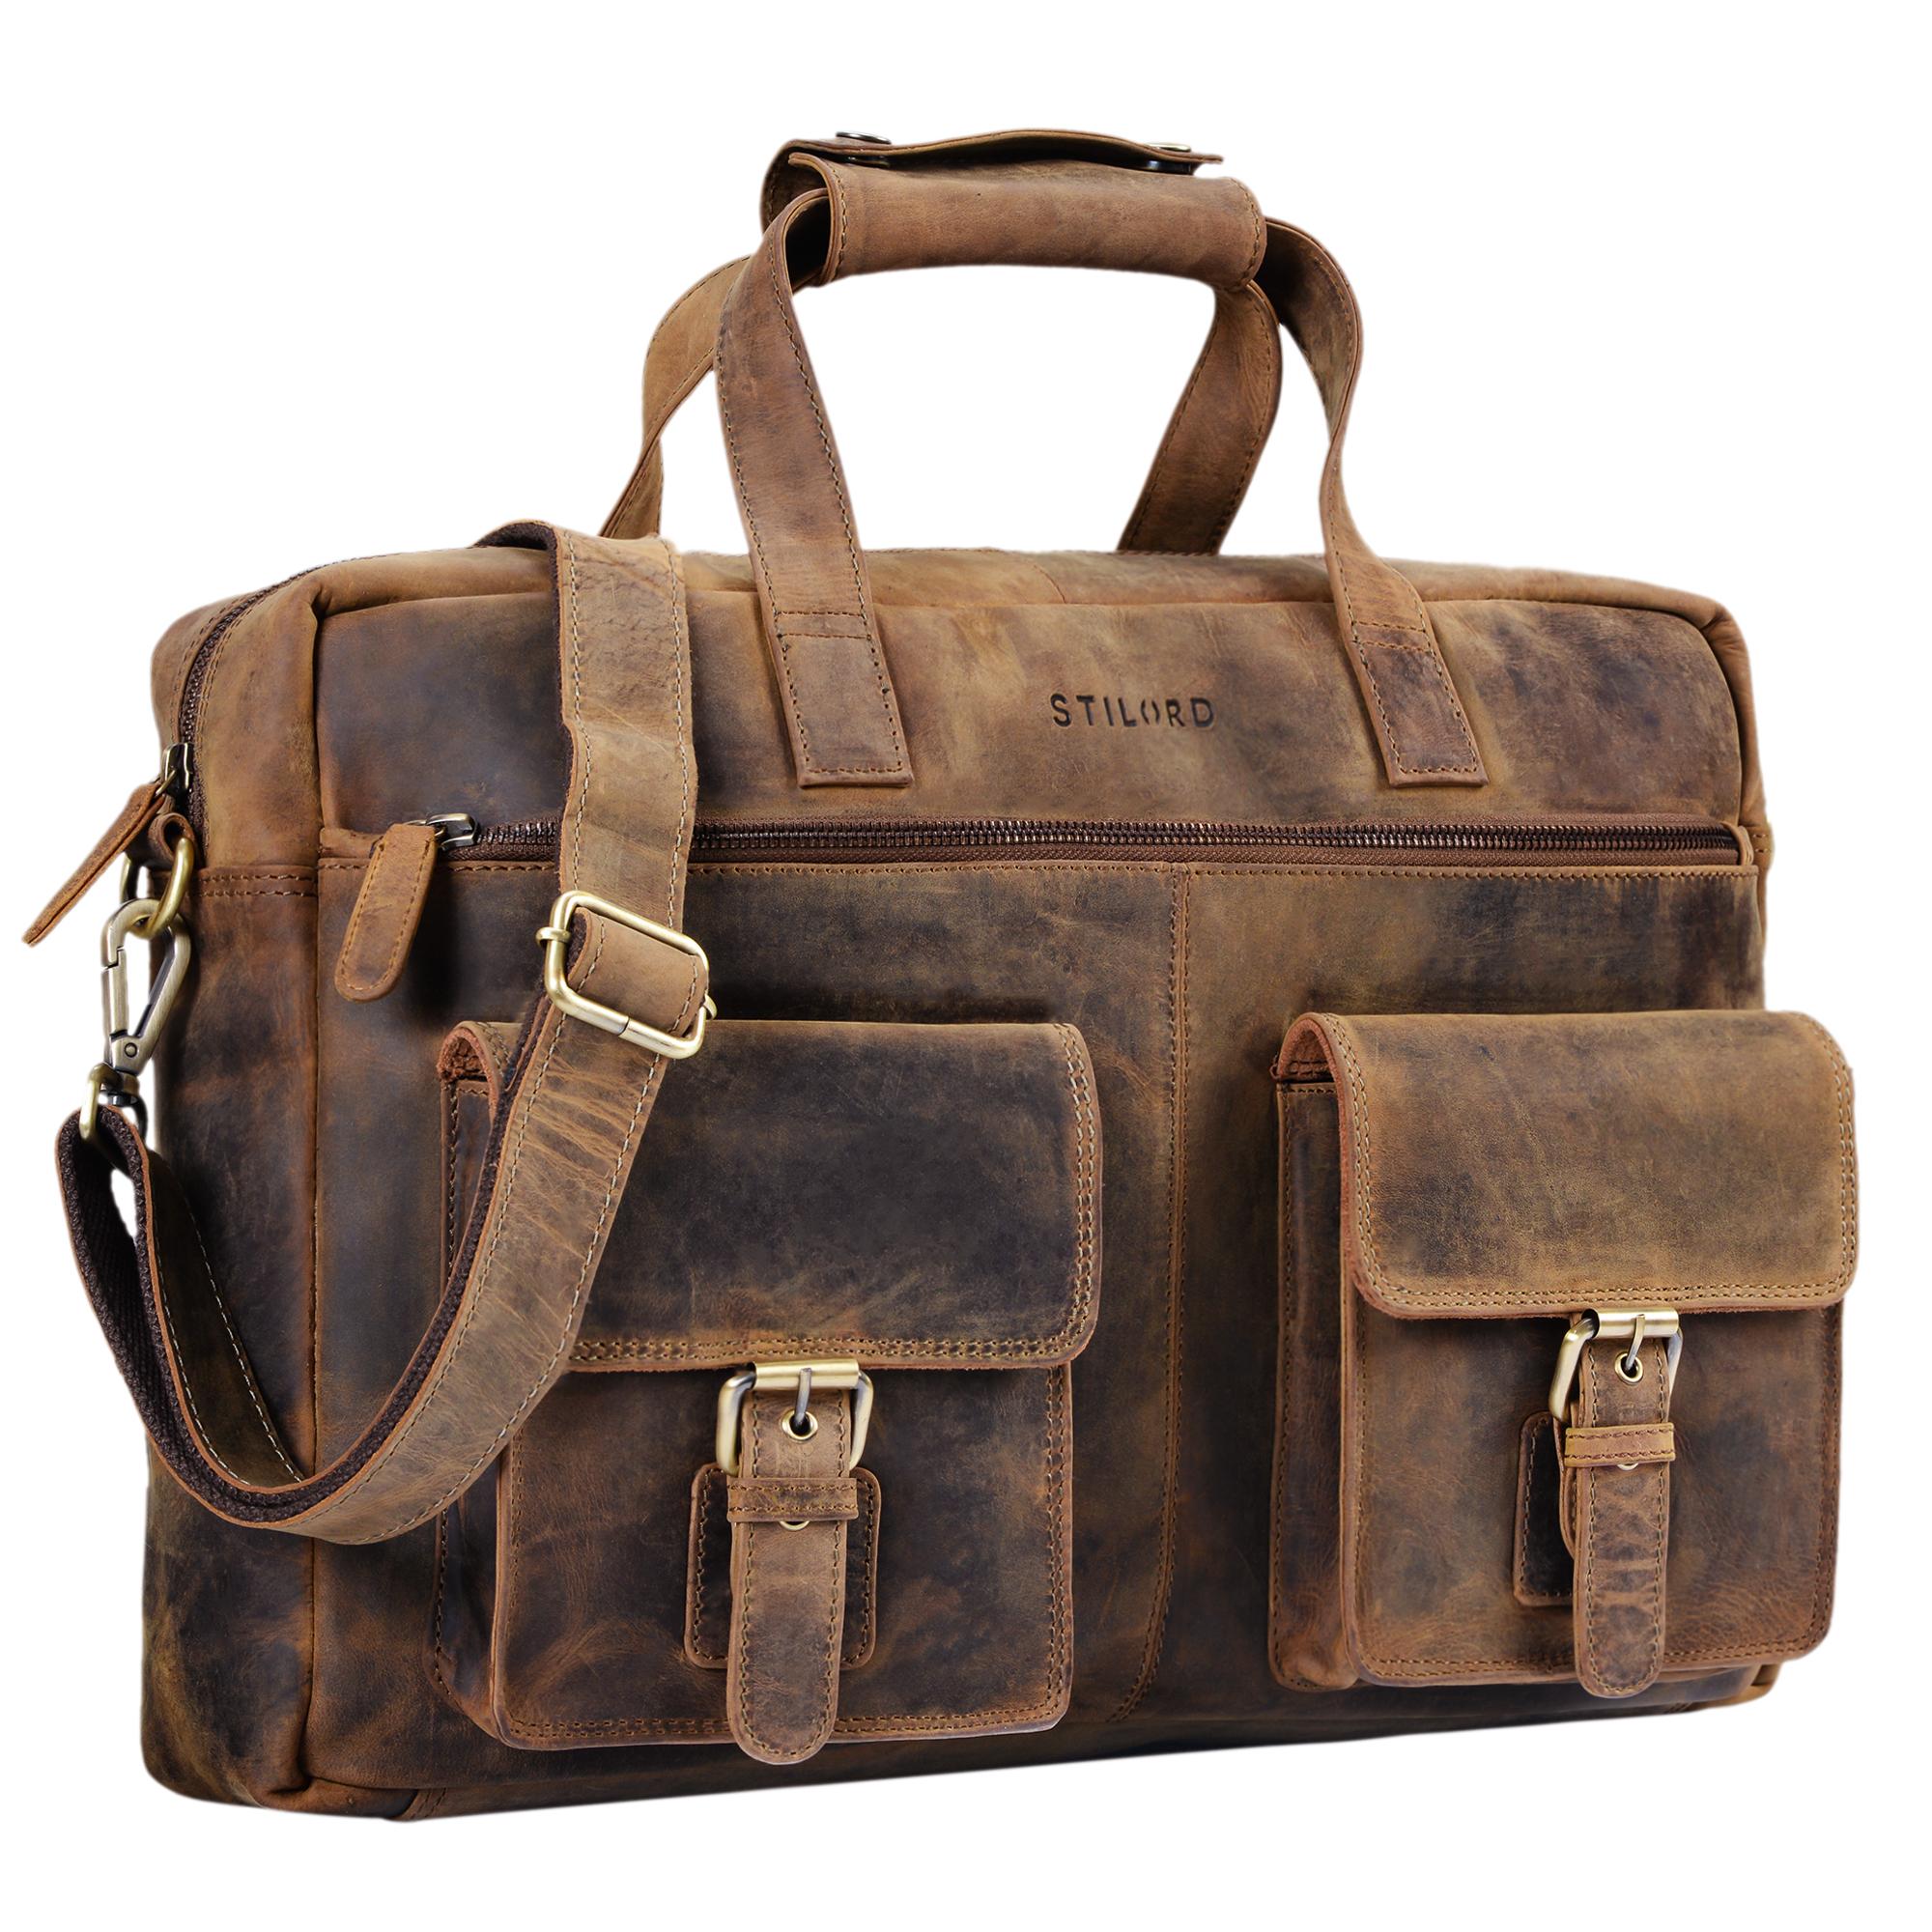 """STILORD """"Ron"""" Vintage Ledertasche 15.6 Zoll Laptopfach große Umhängetasche Herren für Büro Arbeit Uni moderne Aktentasche aus echtem Rinds-Leder - Bild 8"""